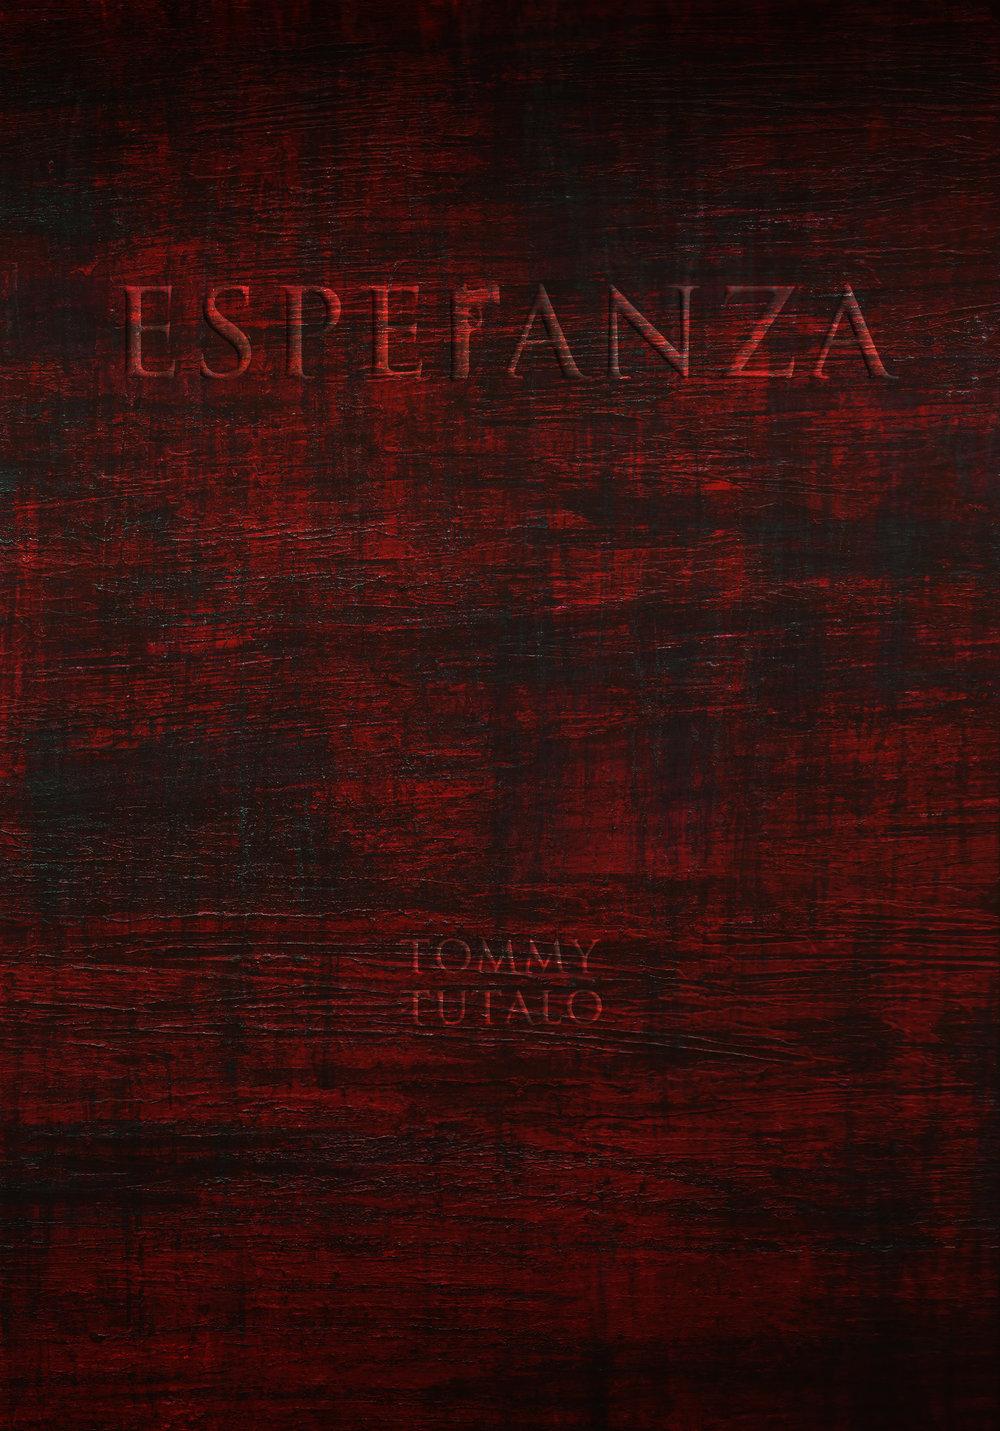 Esperanza_BG_021612.jpg